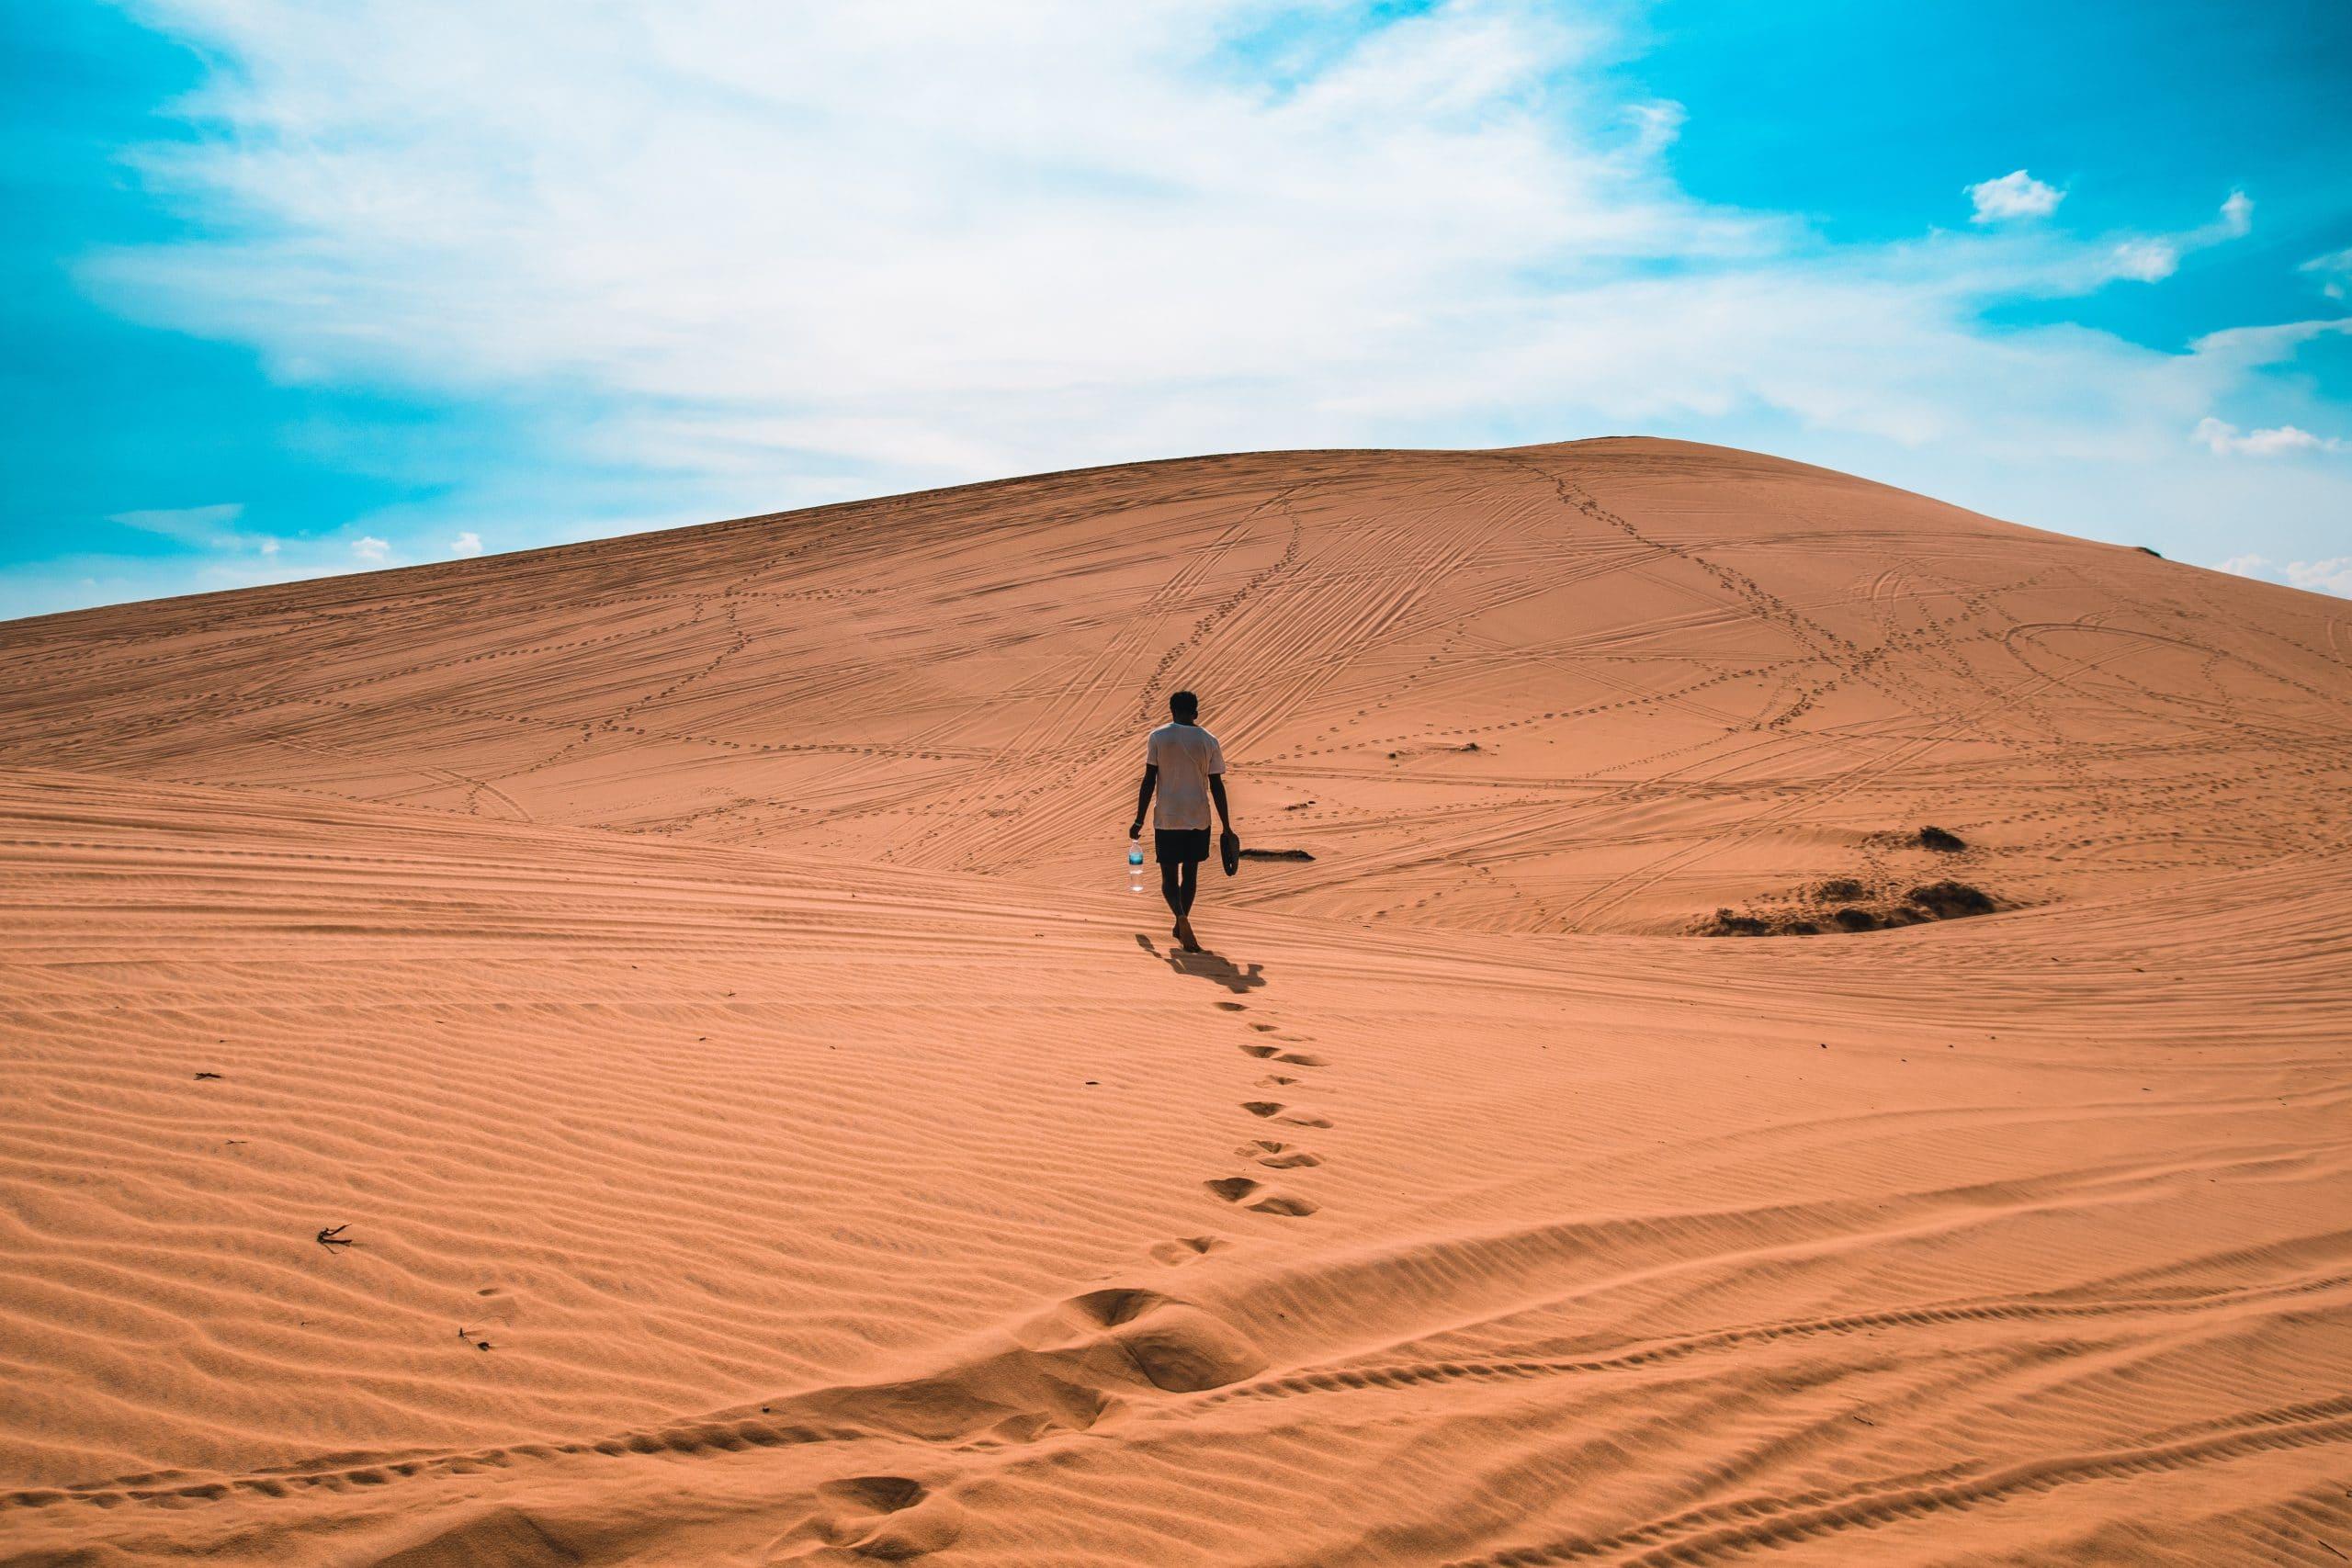 Homem caminhando em deserto